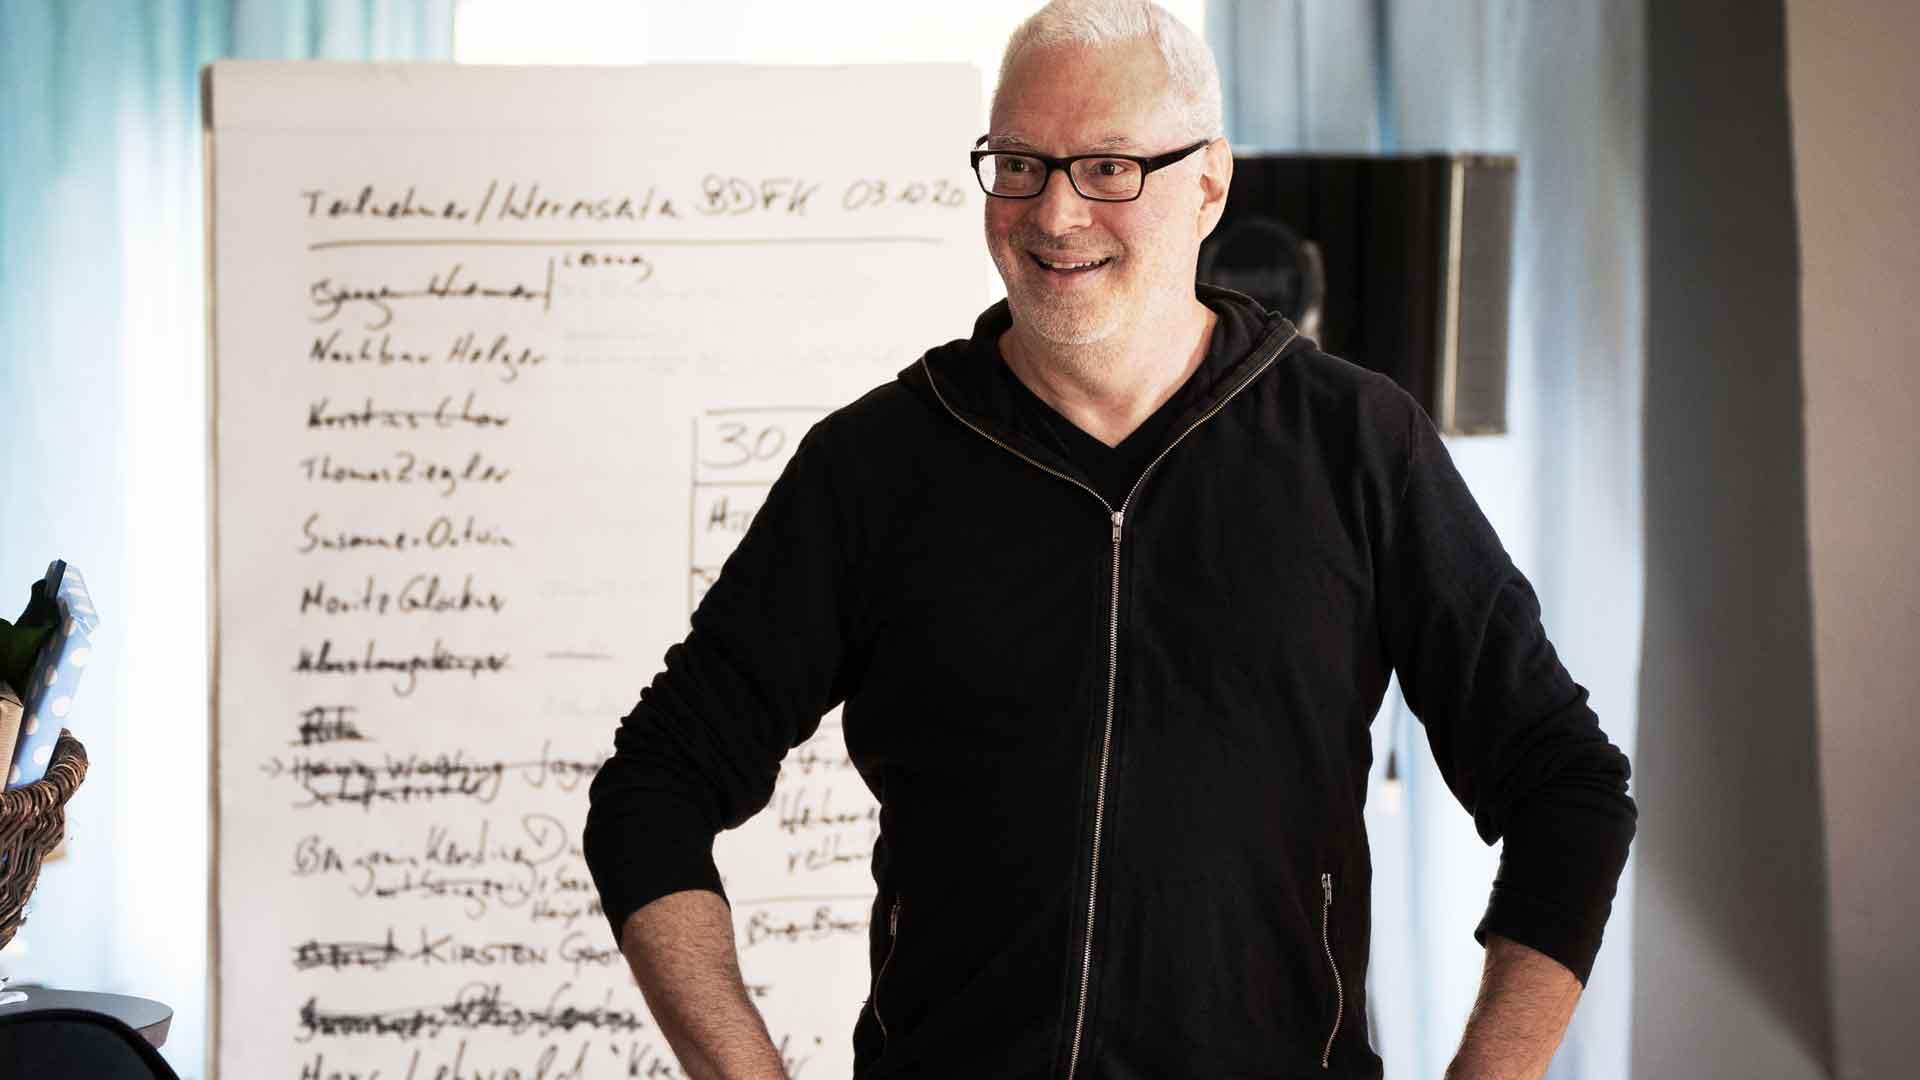 Organisator Edgar Wilkening beim Balkon der freien Künste 2020